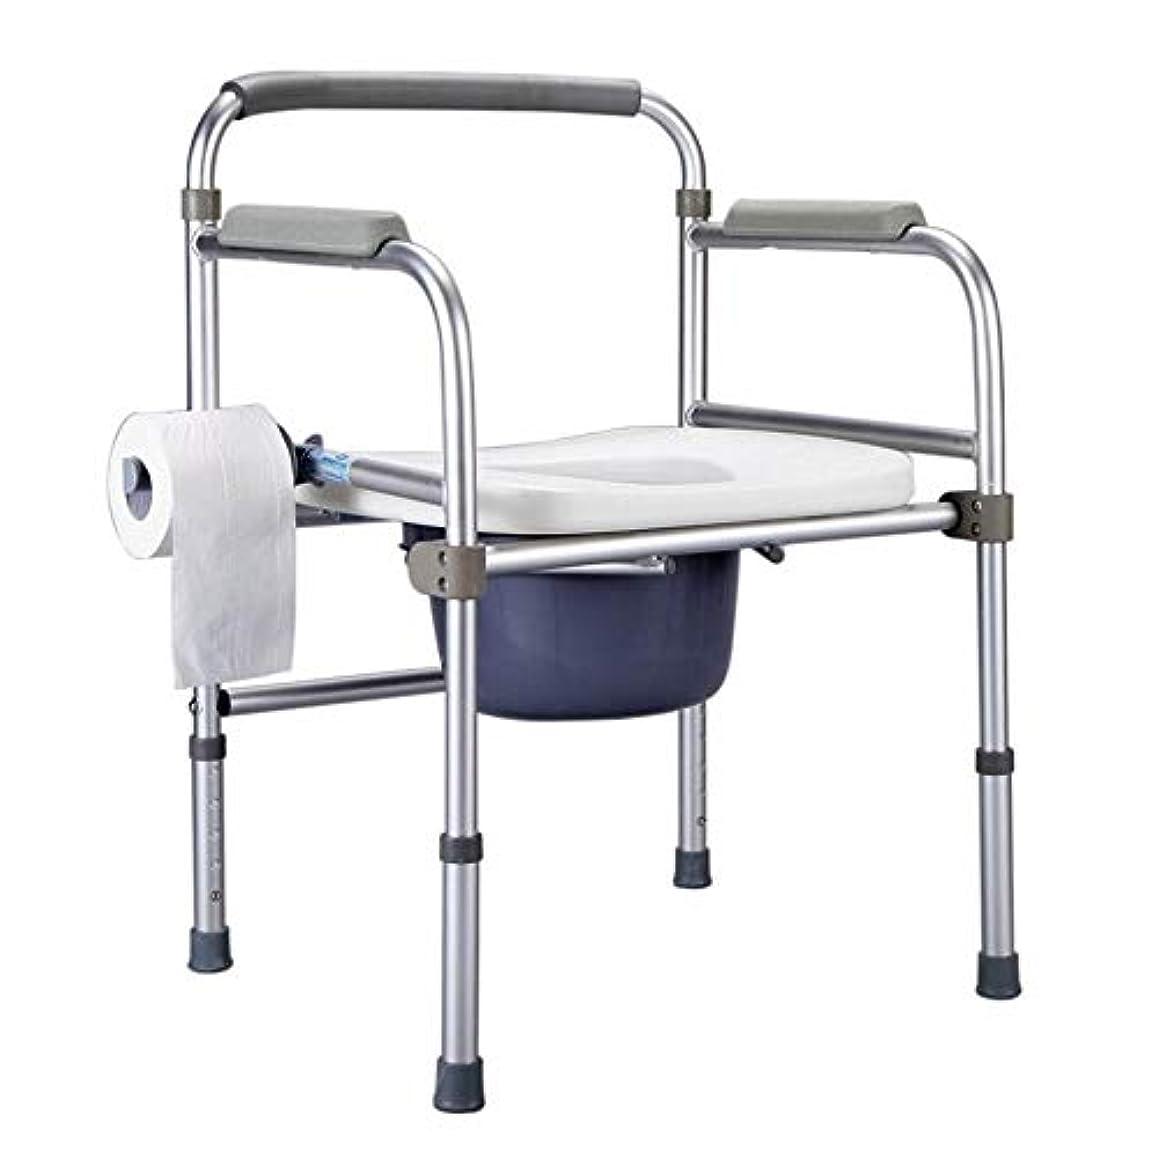 島ファイバ古風なポータブル折りたたみ椅子椅子とサラウンドトイレ老人移動トイレチェアペーパータオルホルダー付き妊婦シャワーチェア